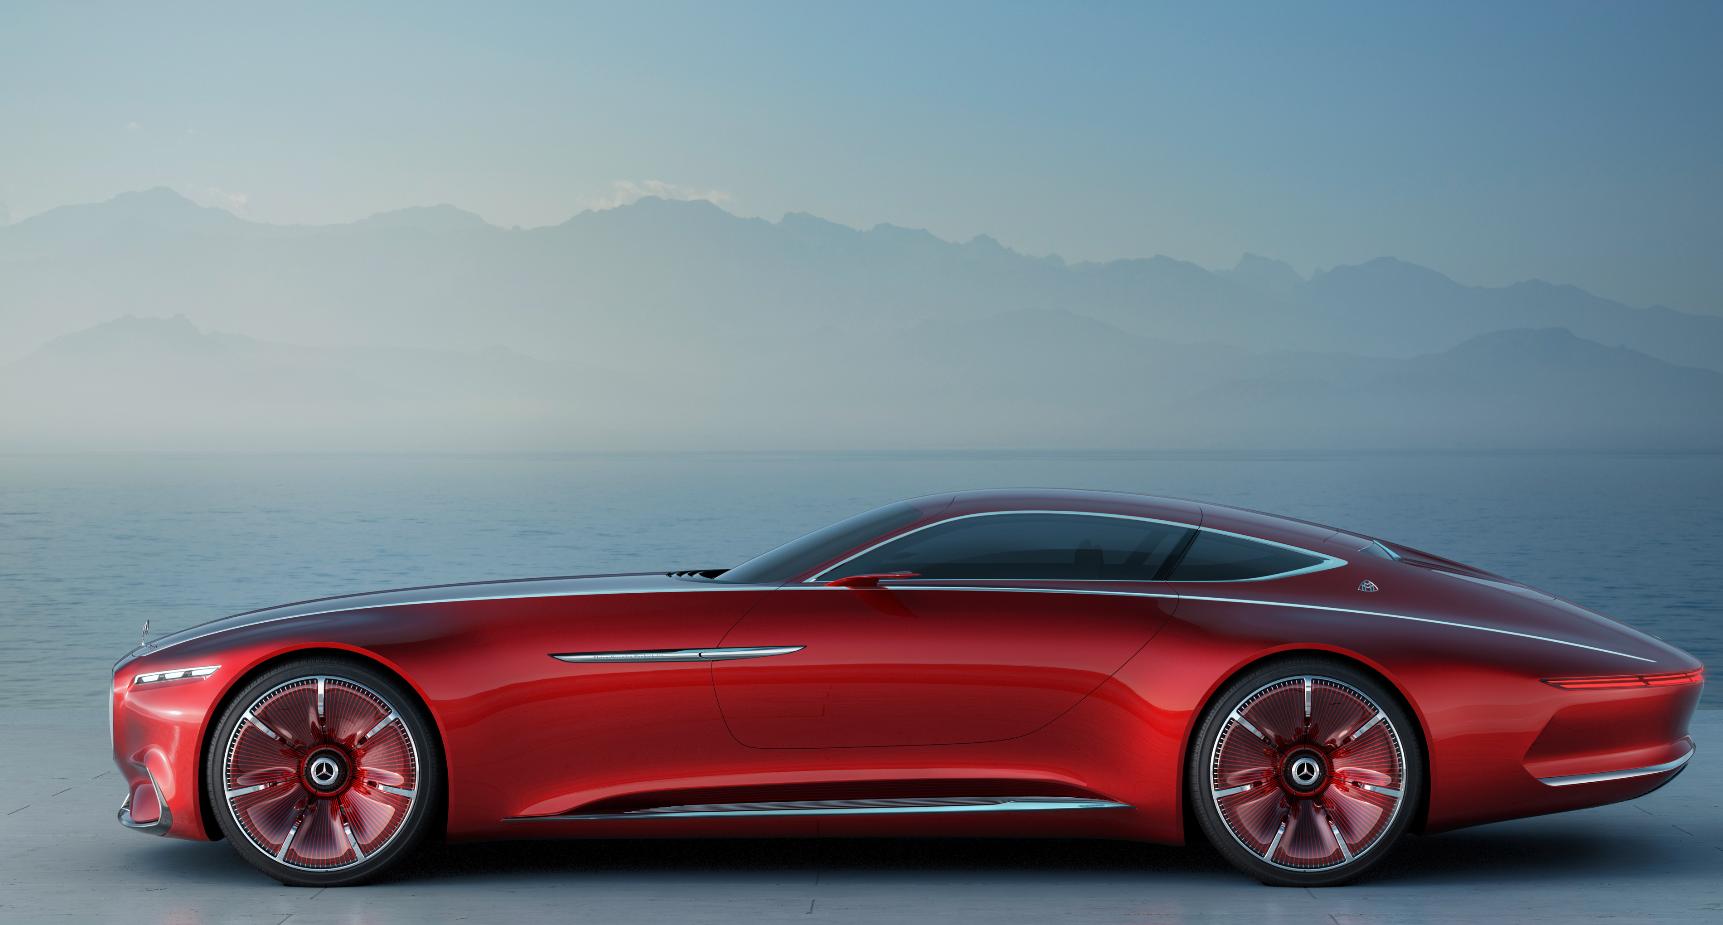 Vision Mercedes-Maybach 6: чудный концептуальный автомобиль длиной 5,6 метра